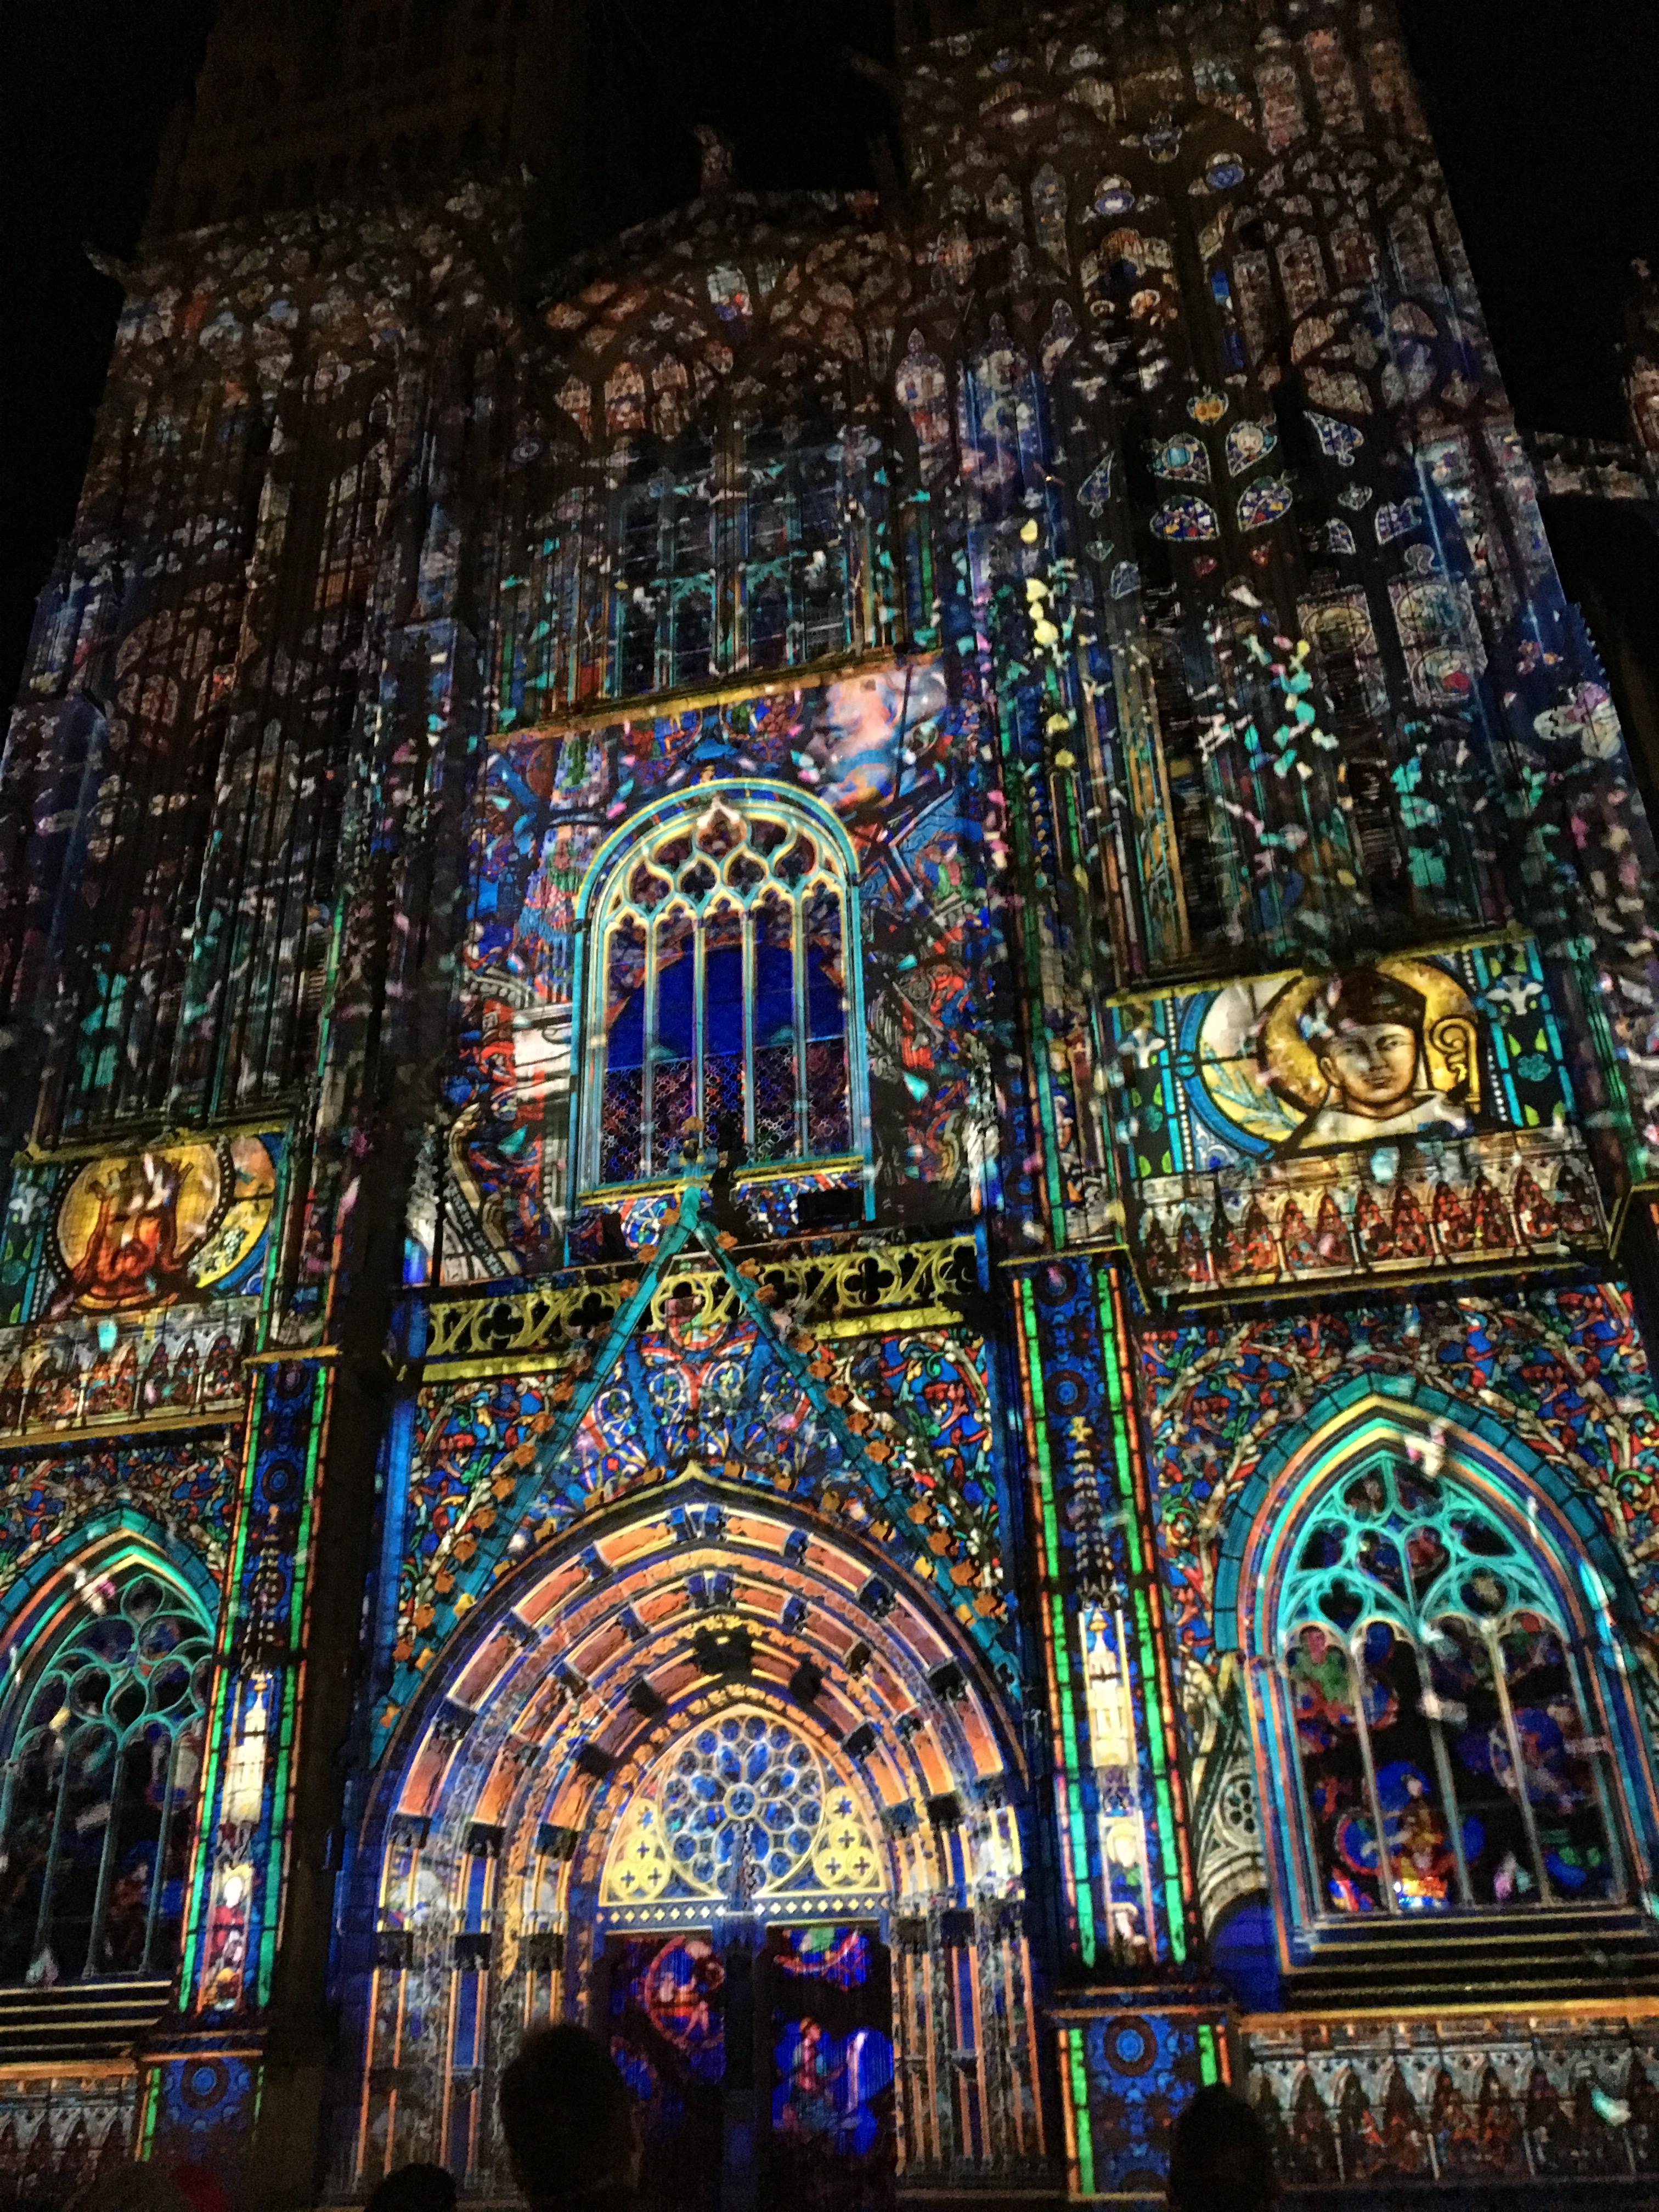 cathedrale-st-corentin-quimper-dec2018 (18)